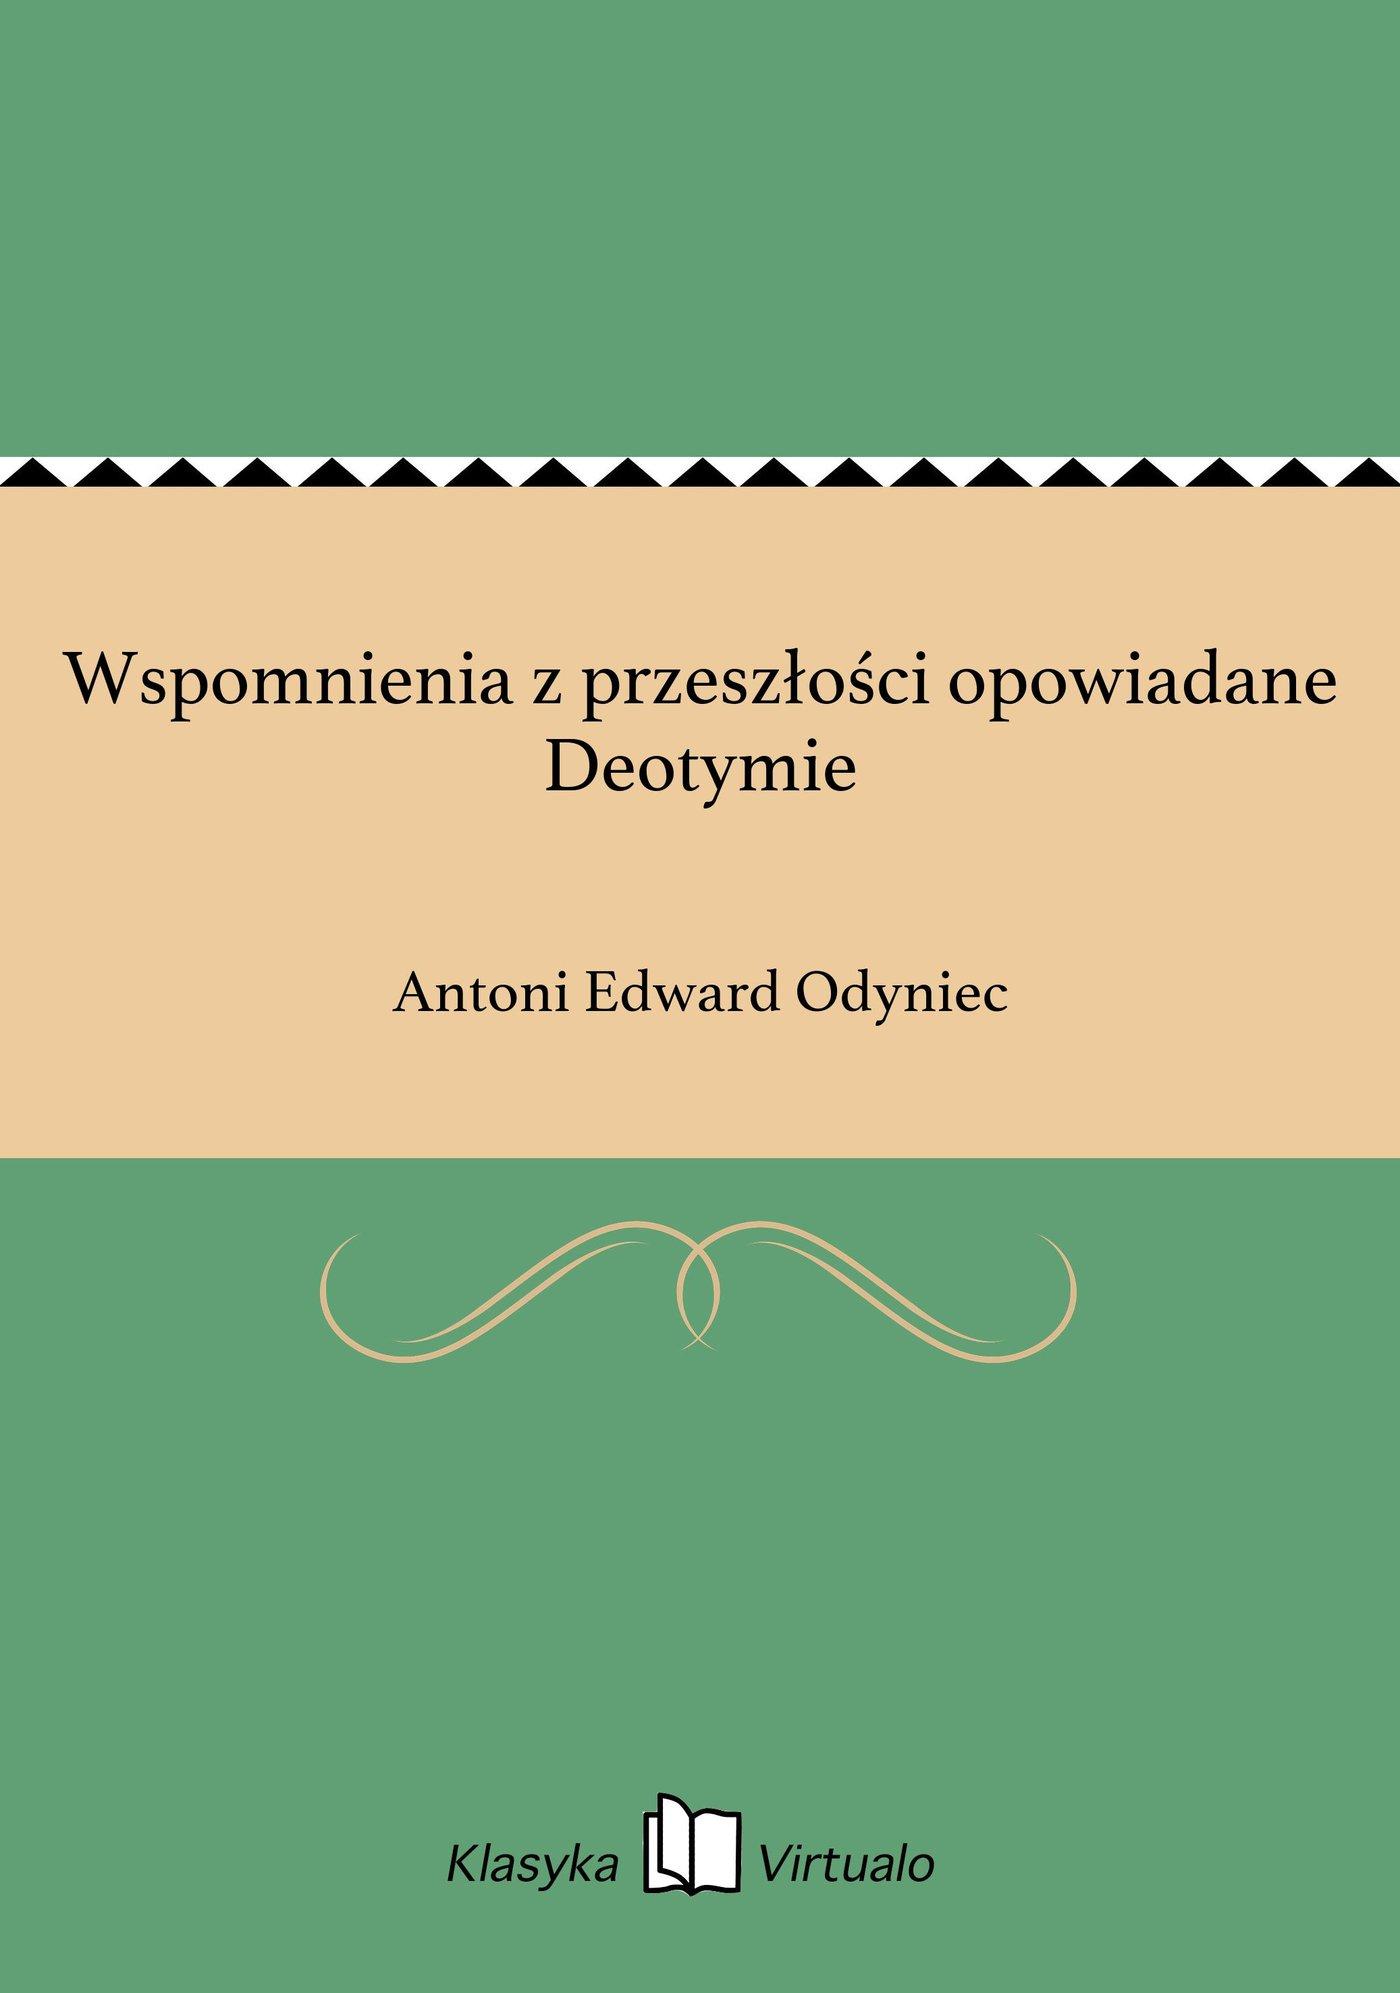 Wspomnienia z przeszłości opowiadane Deotymie - Ebook (Książka EPUB) do pobrania w formacie EPUB